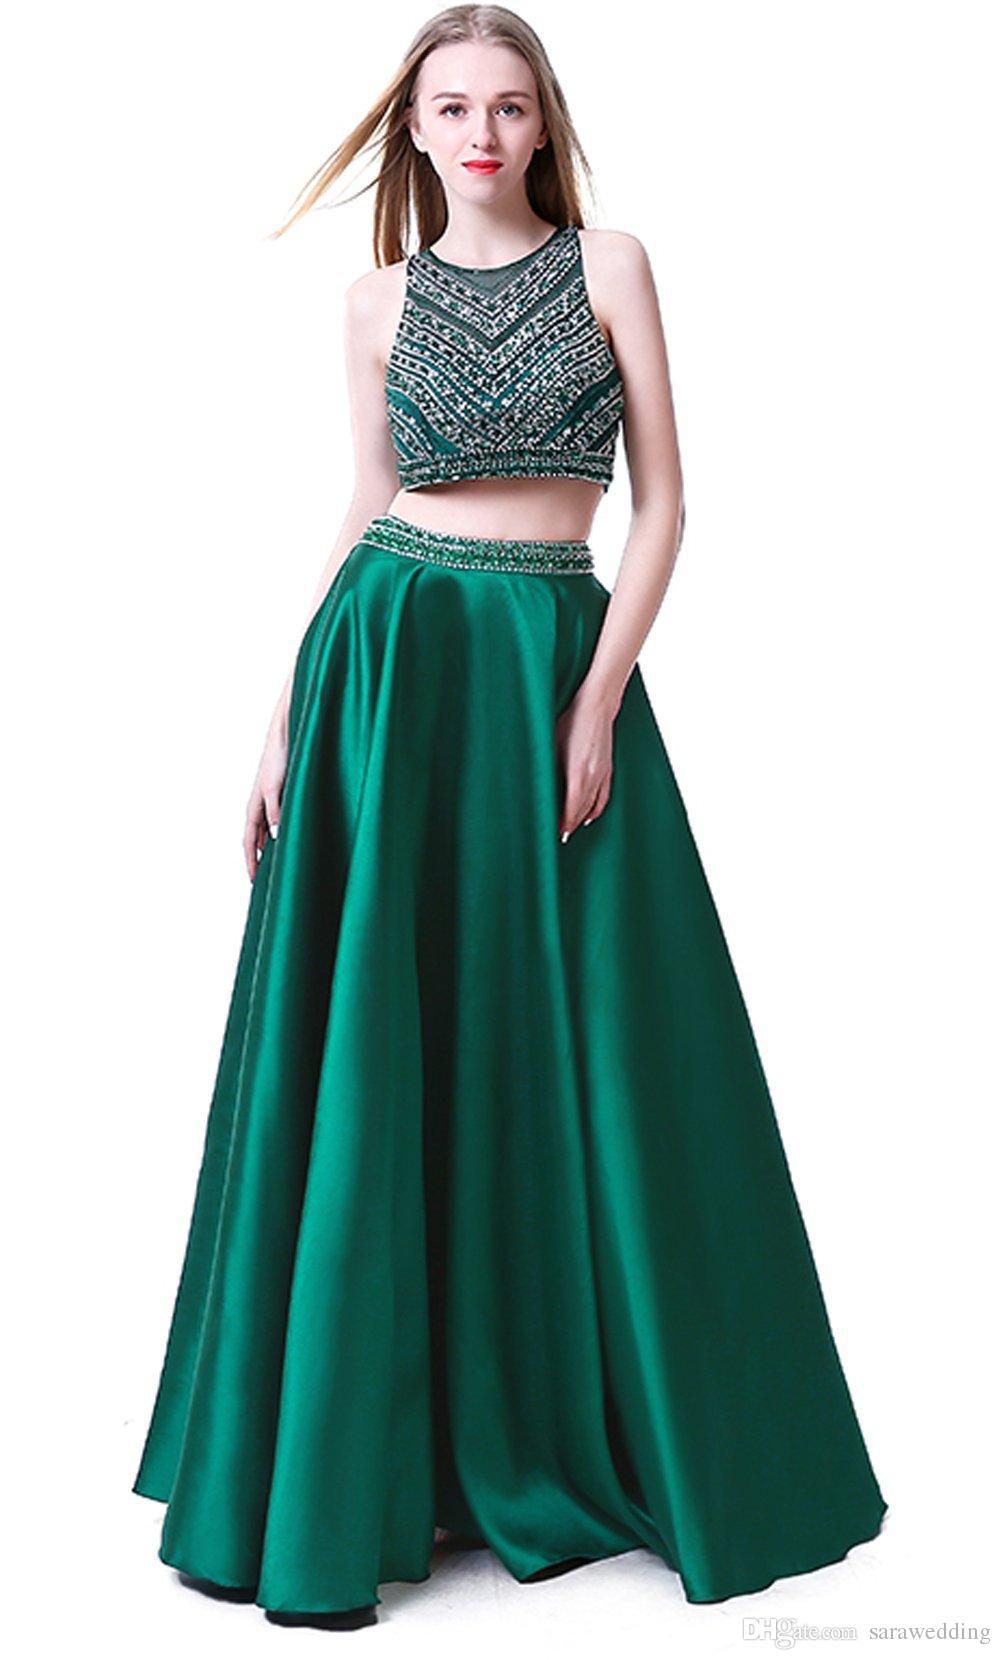 Compre Vestidos De Fiesta De 2 Piezas Con Cuentas Verde Oscuro 2019 Vestidos De Fiesta Hasta El Suelo Vestido De Fiesta De Moda Envío Rápido A 10789